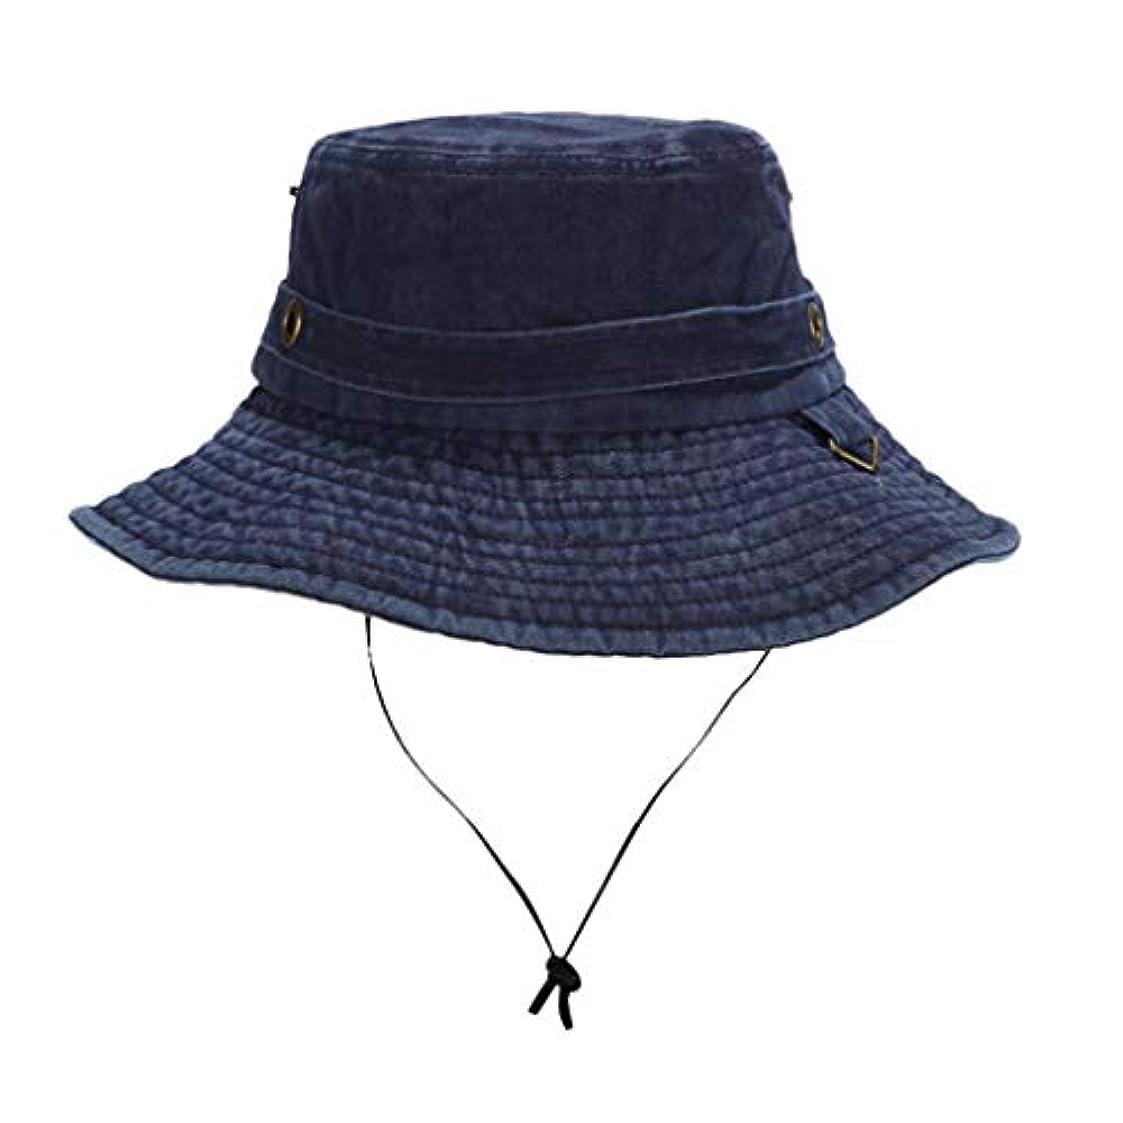 負制限ドライブ帽子 ハット 男女兼用の方法屋外の帽子の保護バケツブーニーの帽子の固体釣帽子